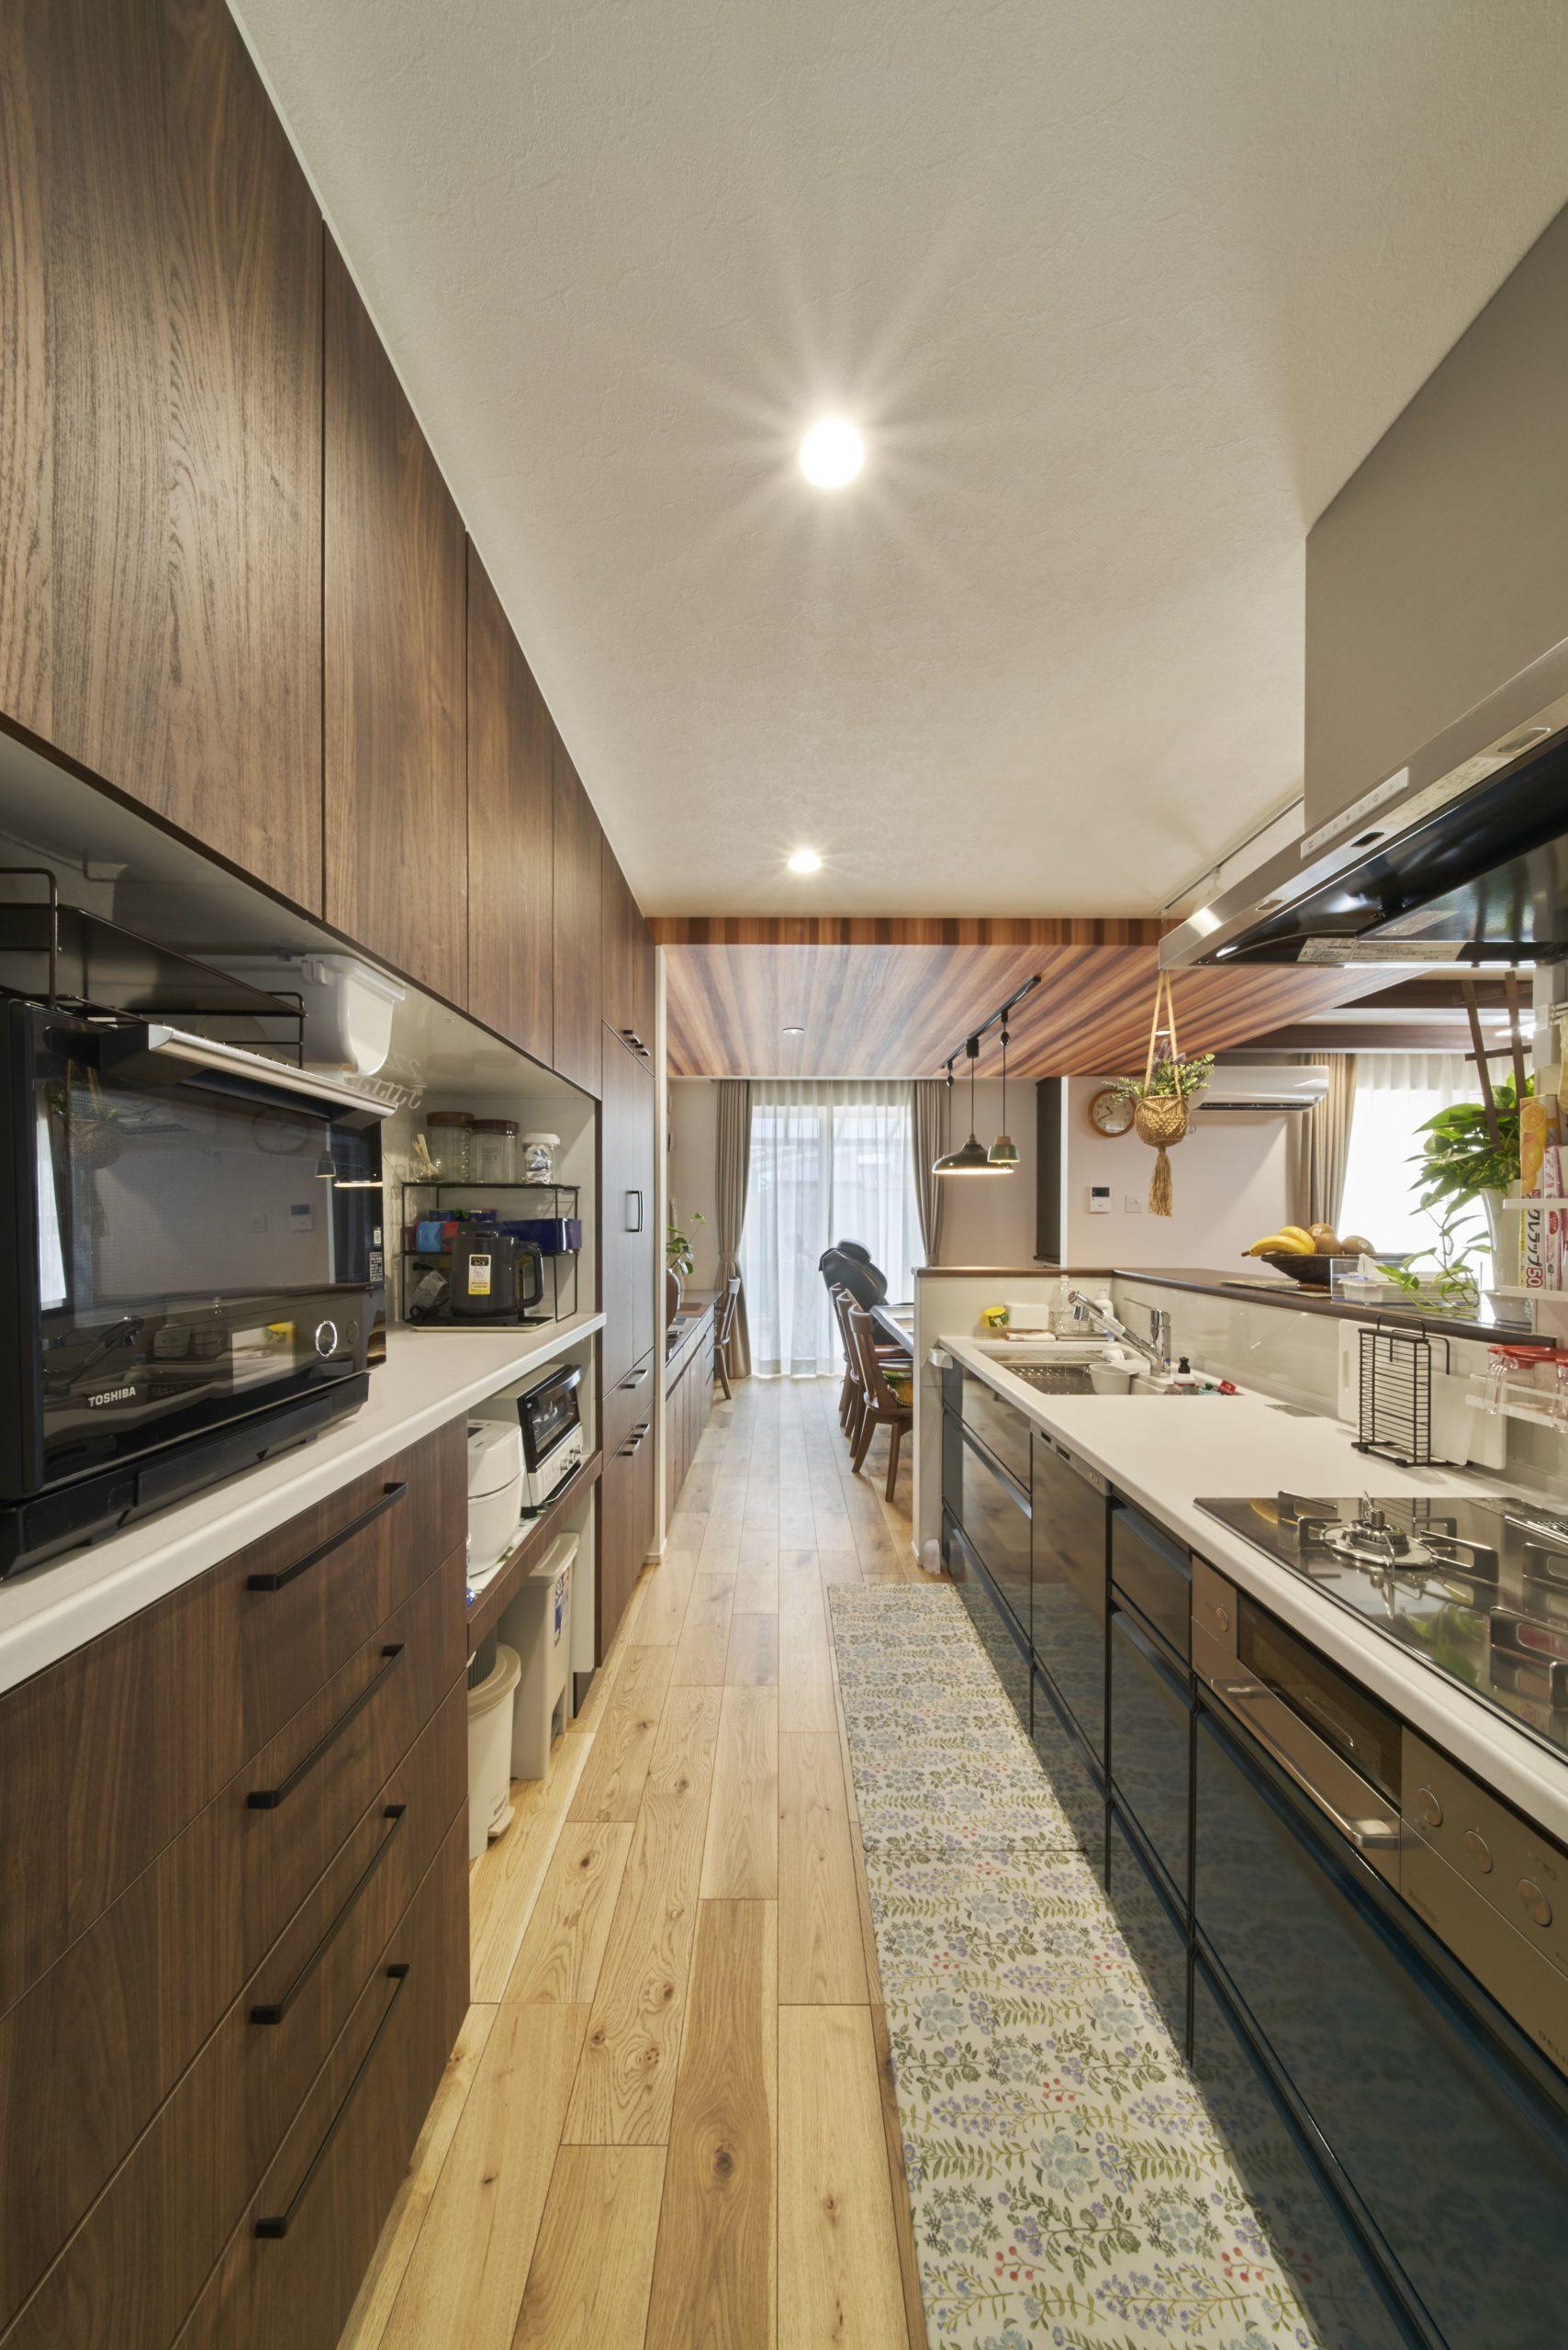 キッチンはカウンターキッチンで、カウンター下は飾り棚と収納スペースが配置されている。